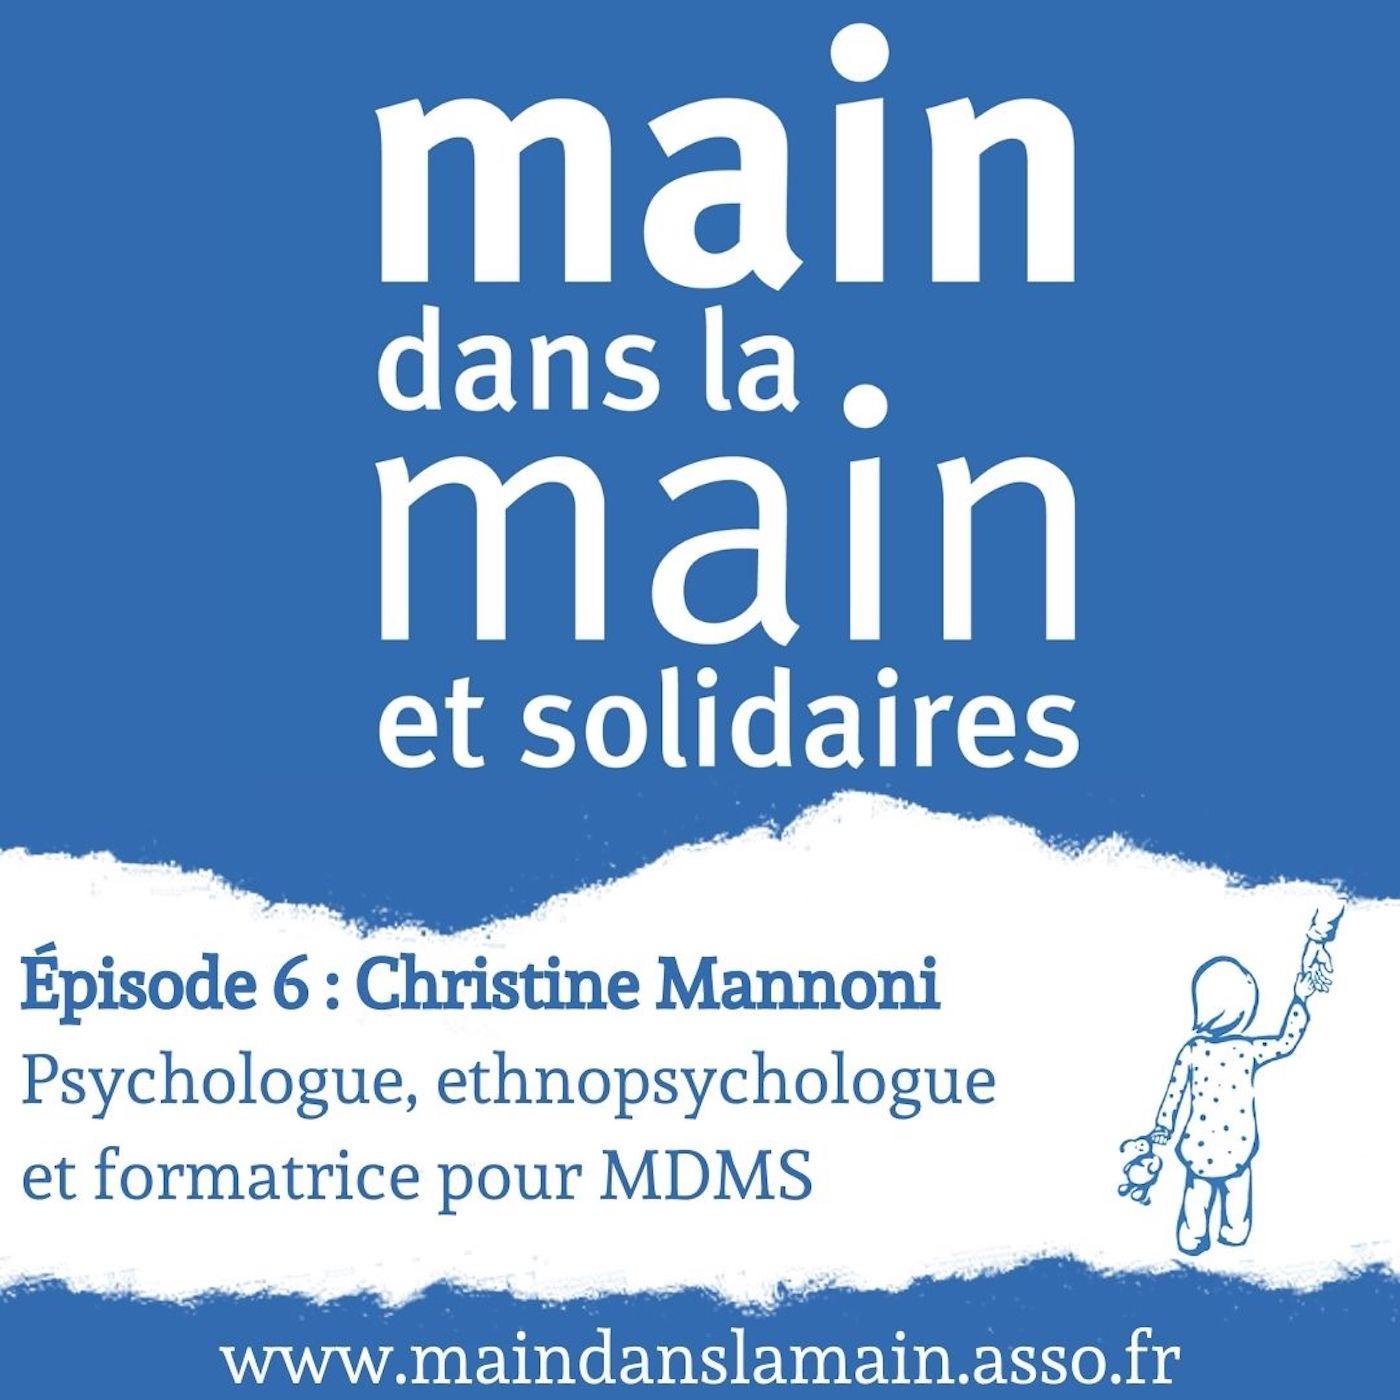 Episode 6 : Christine Mannoni - Psychologue, ethnopsychologue et formatrice pour MDMS